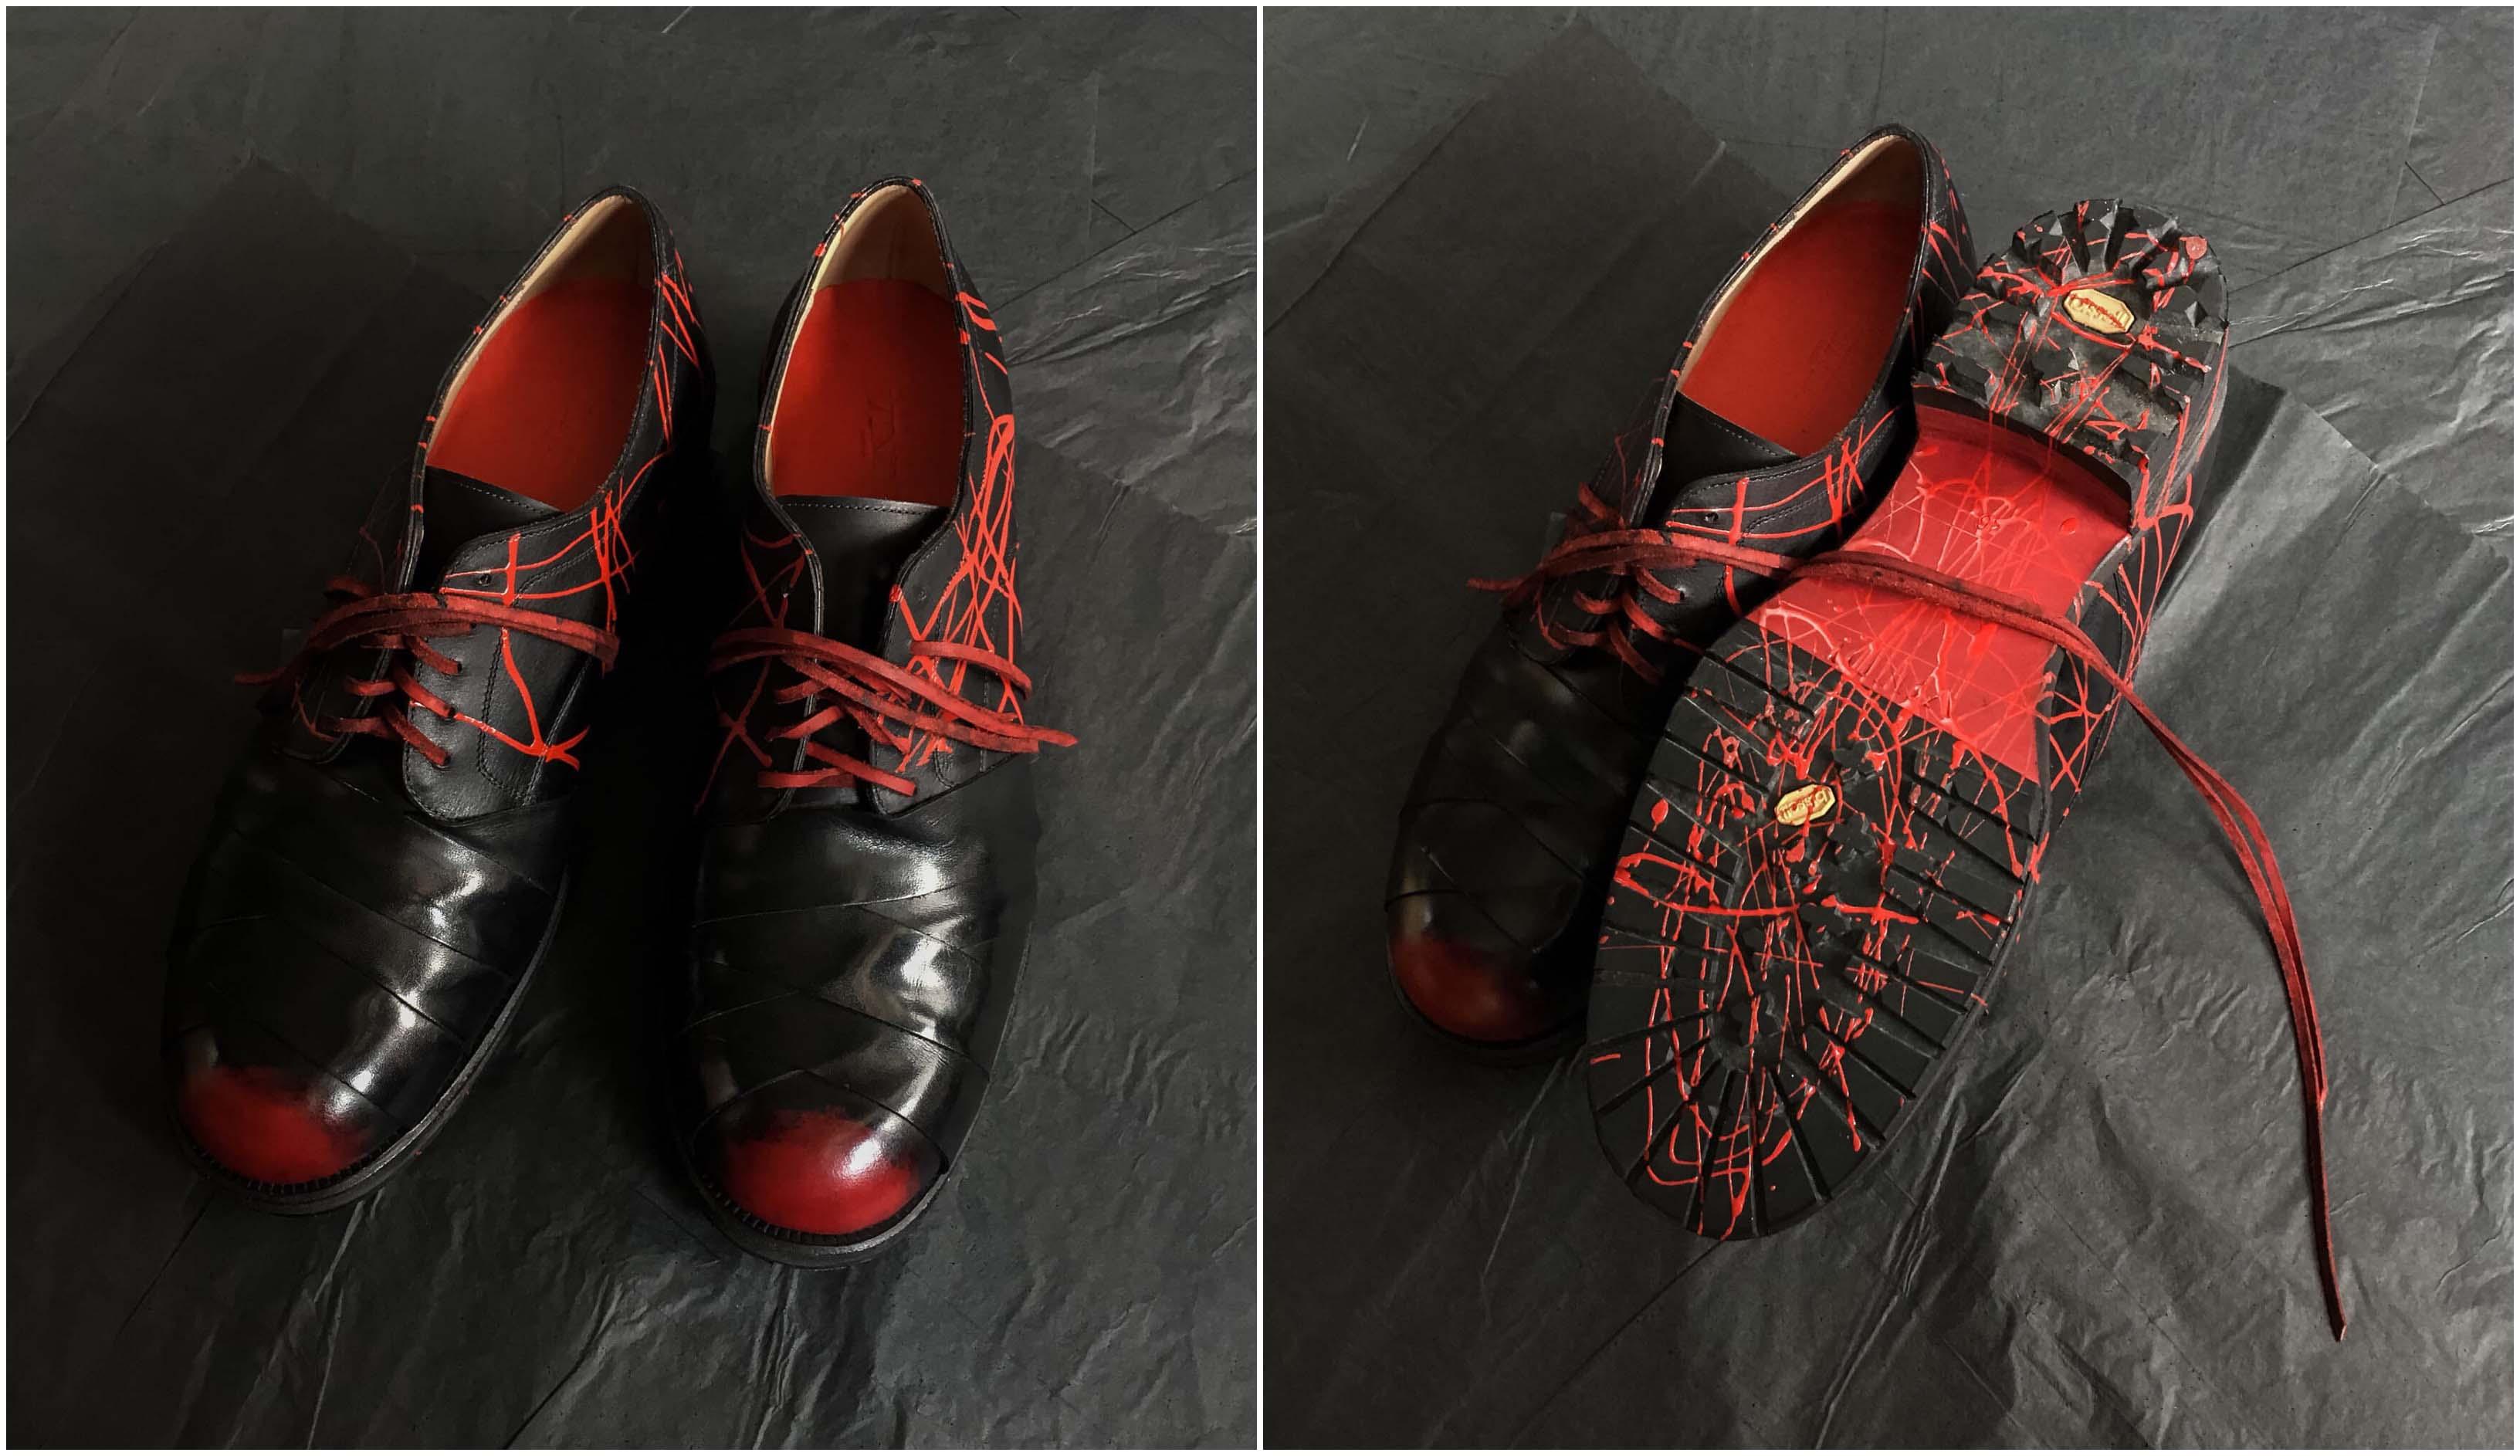 giày da vindi shoemaker trong blue tequila của táo